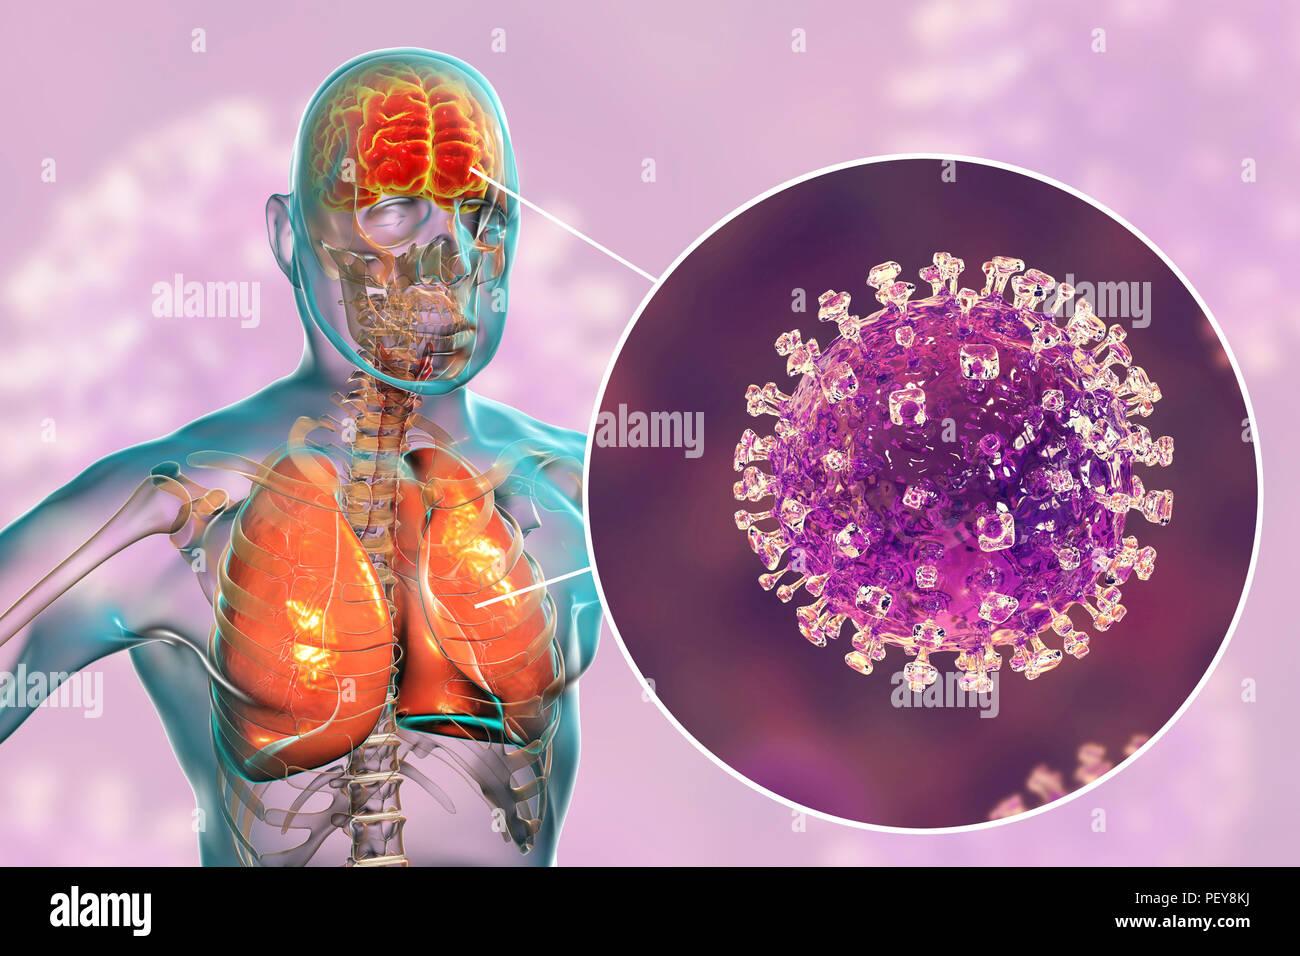 L'encéphalite et la pneumonie causées par les virus Nipah, illustration de l'ordinateur. Le virus Nipah est une zoonose (transmises aux humains par les animaux) et a été découvert en Malaisie et Singapour dans les personnes qui ont eu un contact étroit avec les porcs. Il a d'abord été isolé en 1999 en examinant les échantillons provenant d'une éclosion de maladies respiratoires et de l'encéphalite chez les hommes adultes dans ces deux pays. Photo Stock